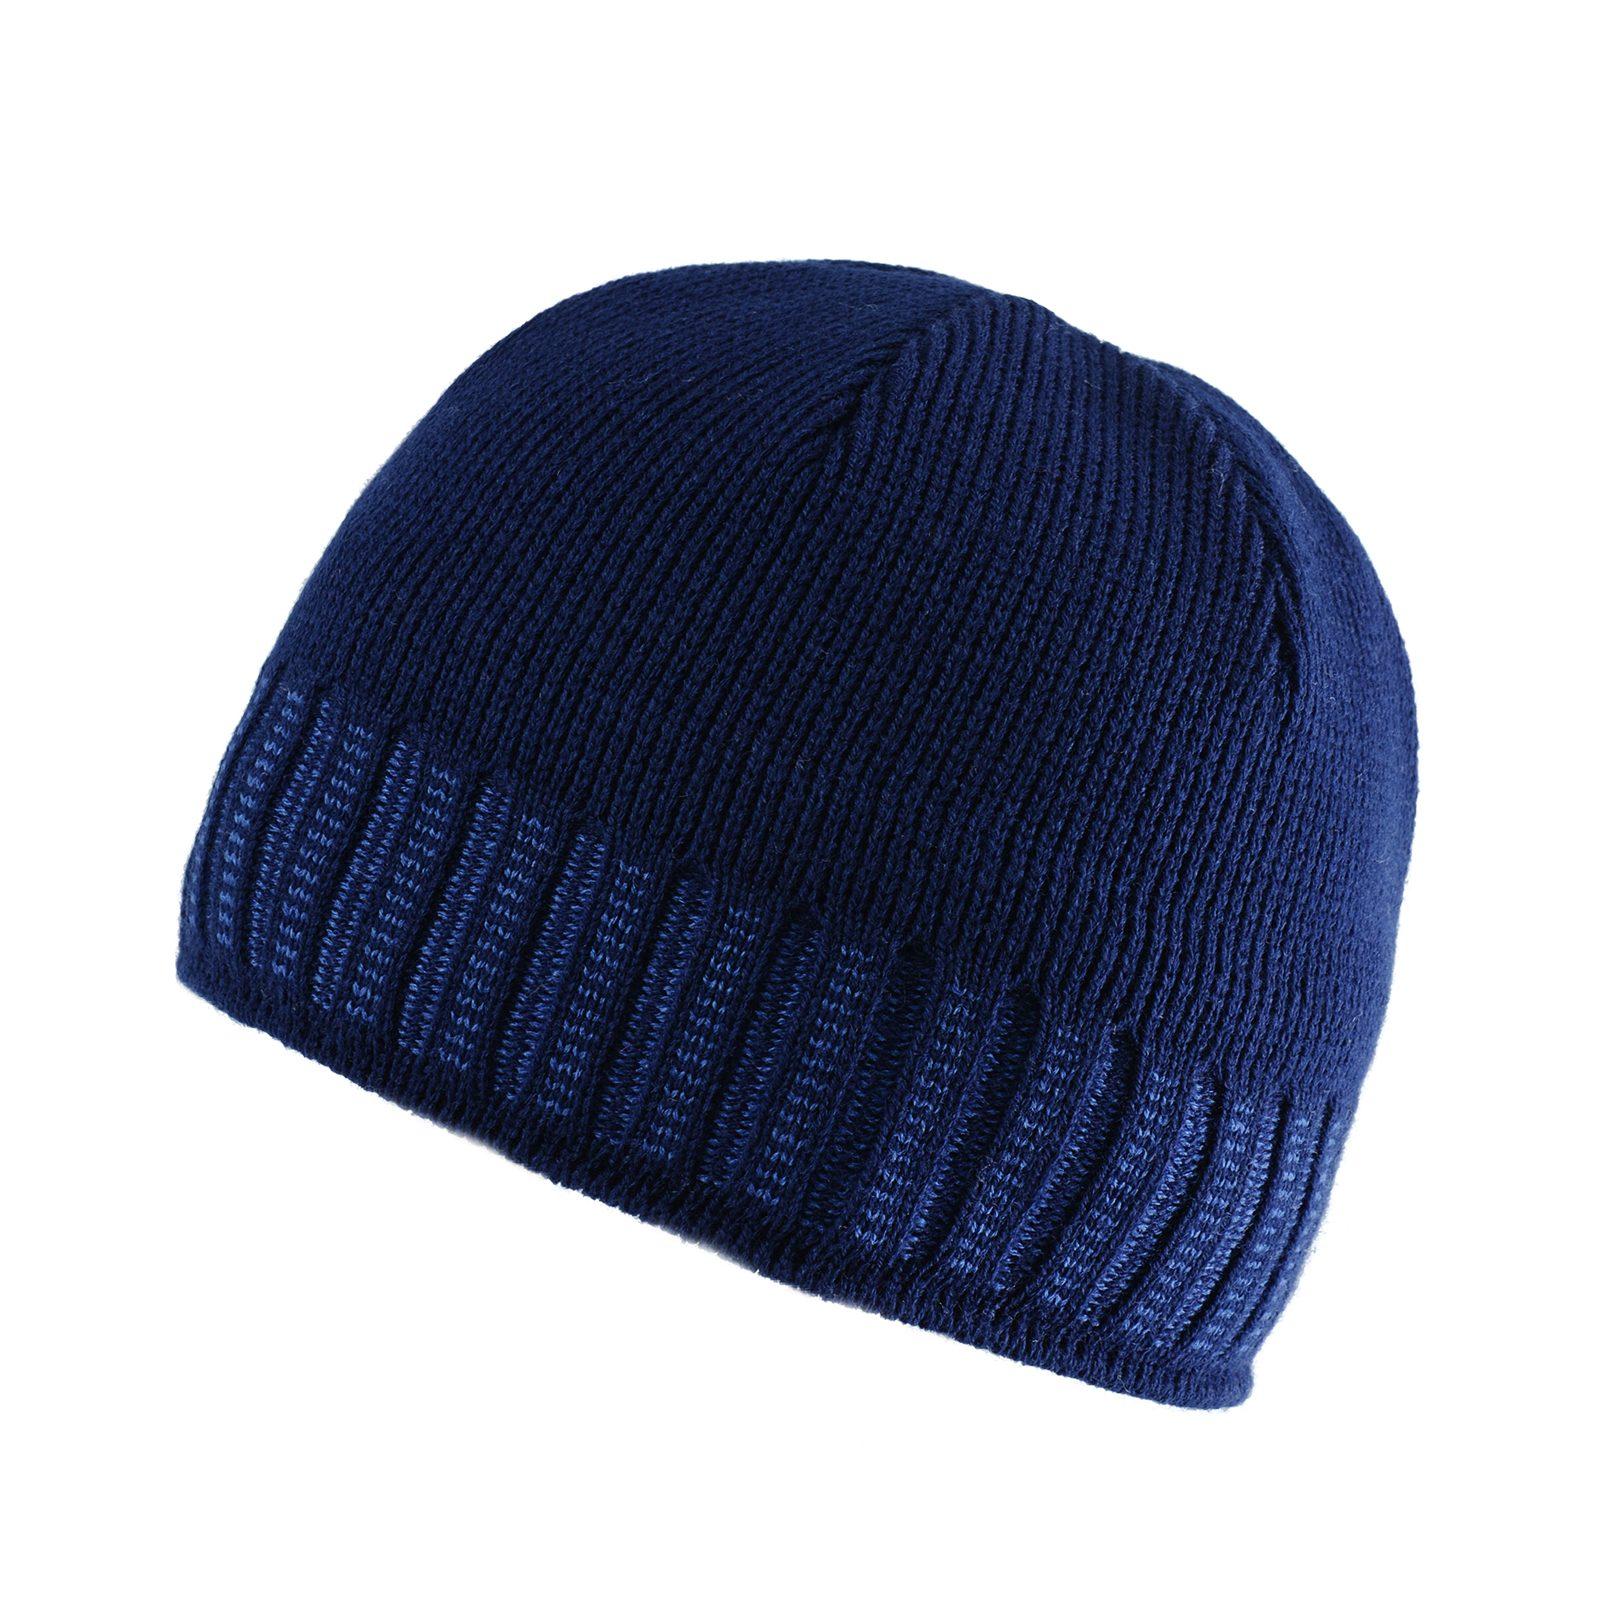 http://lookbook.allee-du-foulard.fr/wp-content/uploads/2018/11/CP-00777-F16-bonnet-homme-bleu-1-1600x1600.jpg